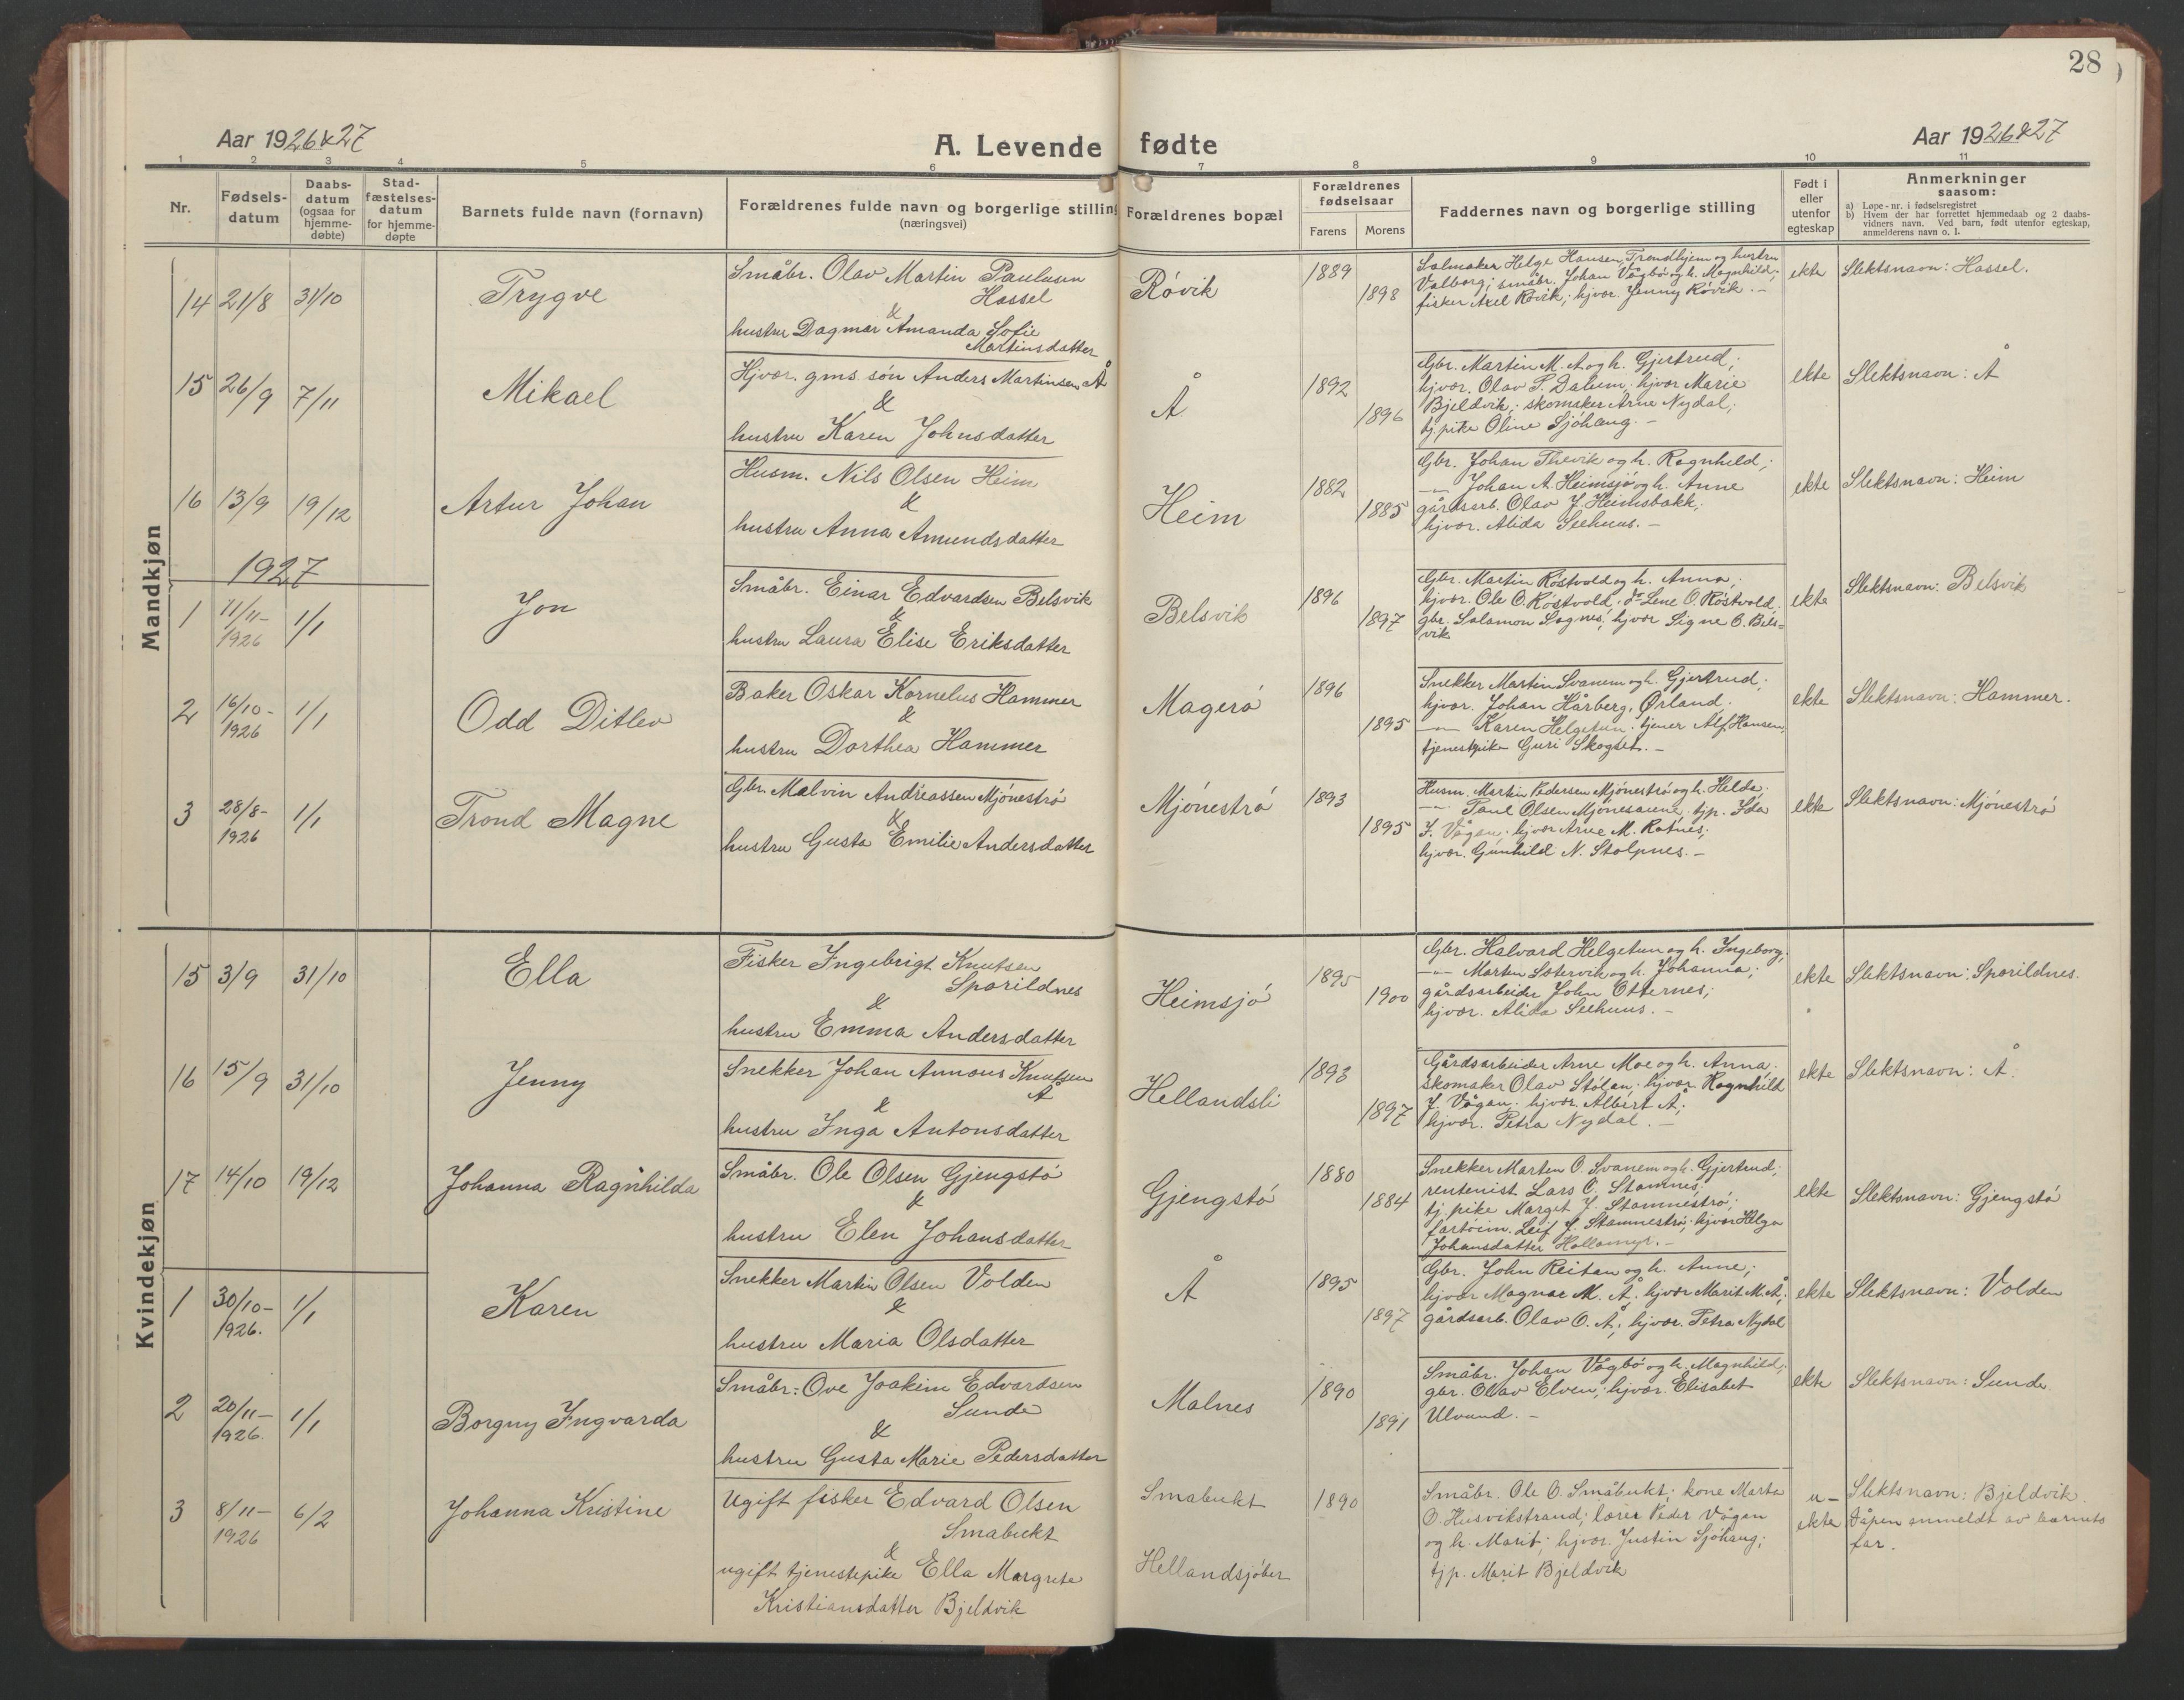 SAT, Ministerialprotokoller, klokkerbøker og fødselsregistre - Sør-Trøndelag, 633/L0521: Klokkerbok nr. 633C03, 1921-1941, s. 28